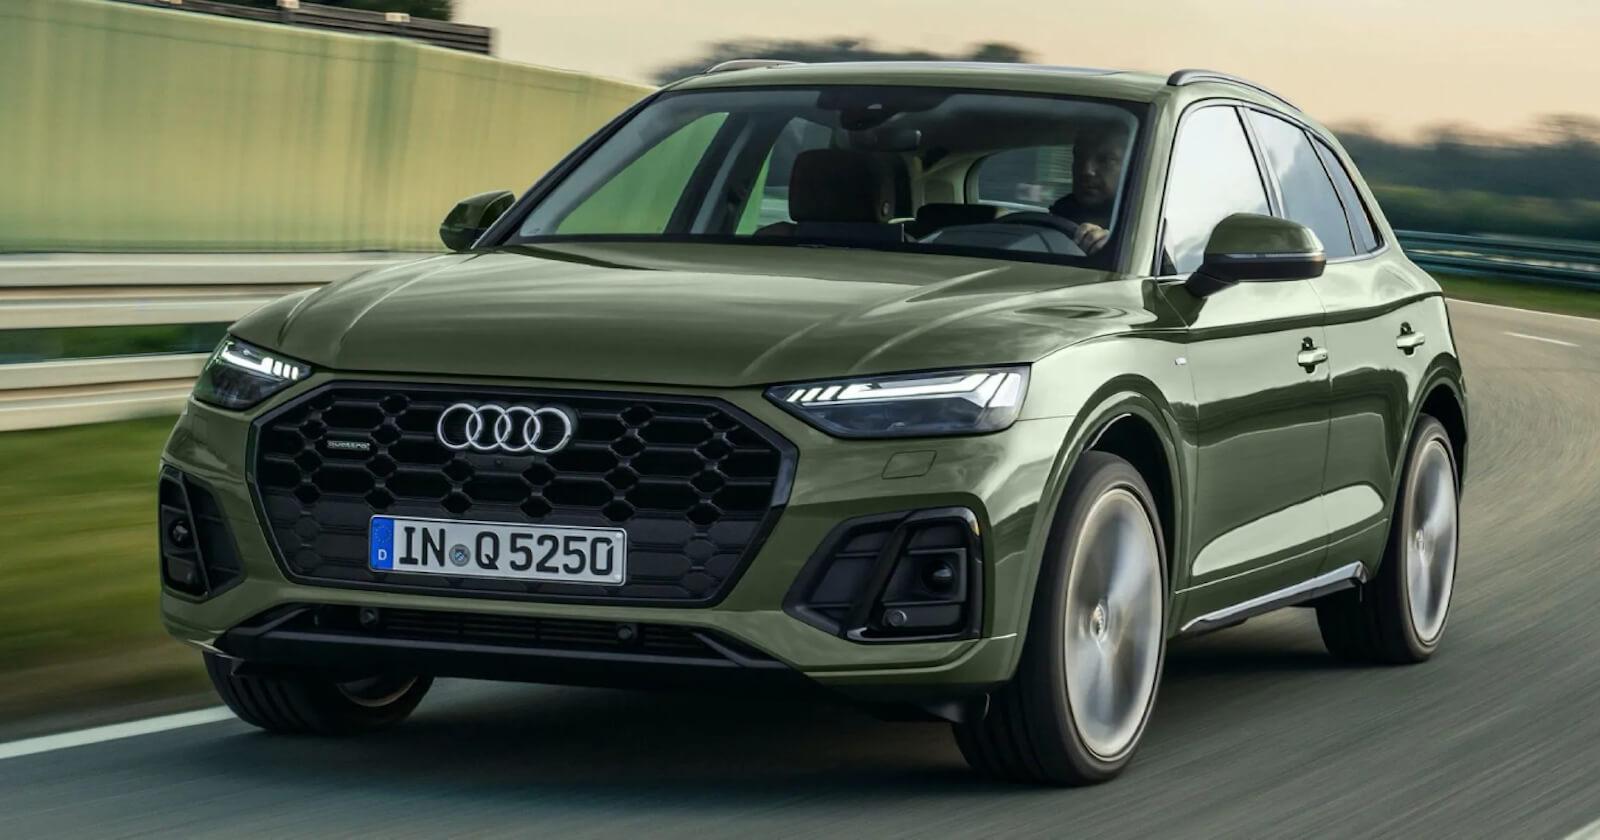 2021 Audi Q5 Eylül Ayı İndirimli Satış Fiyatları